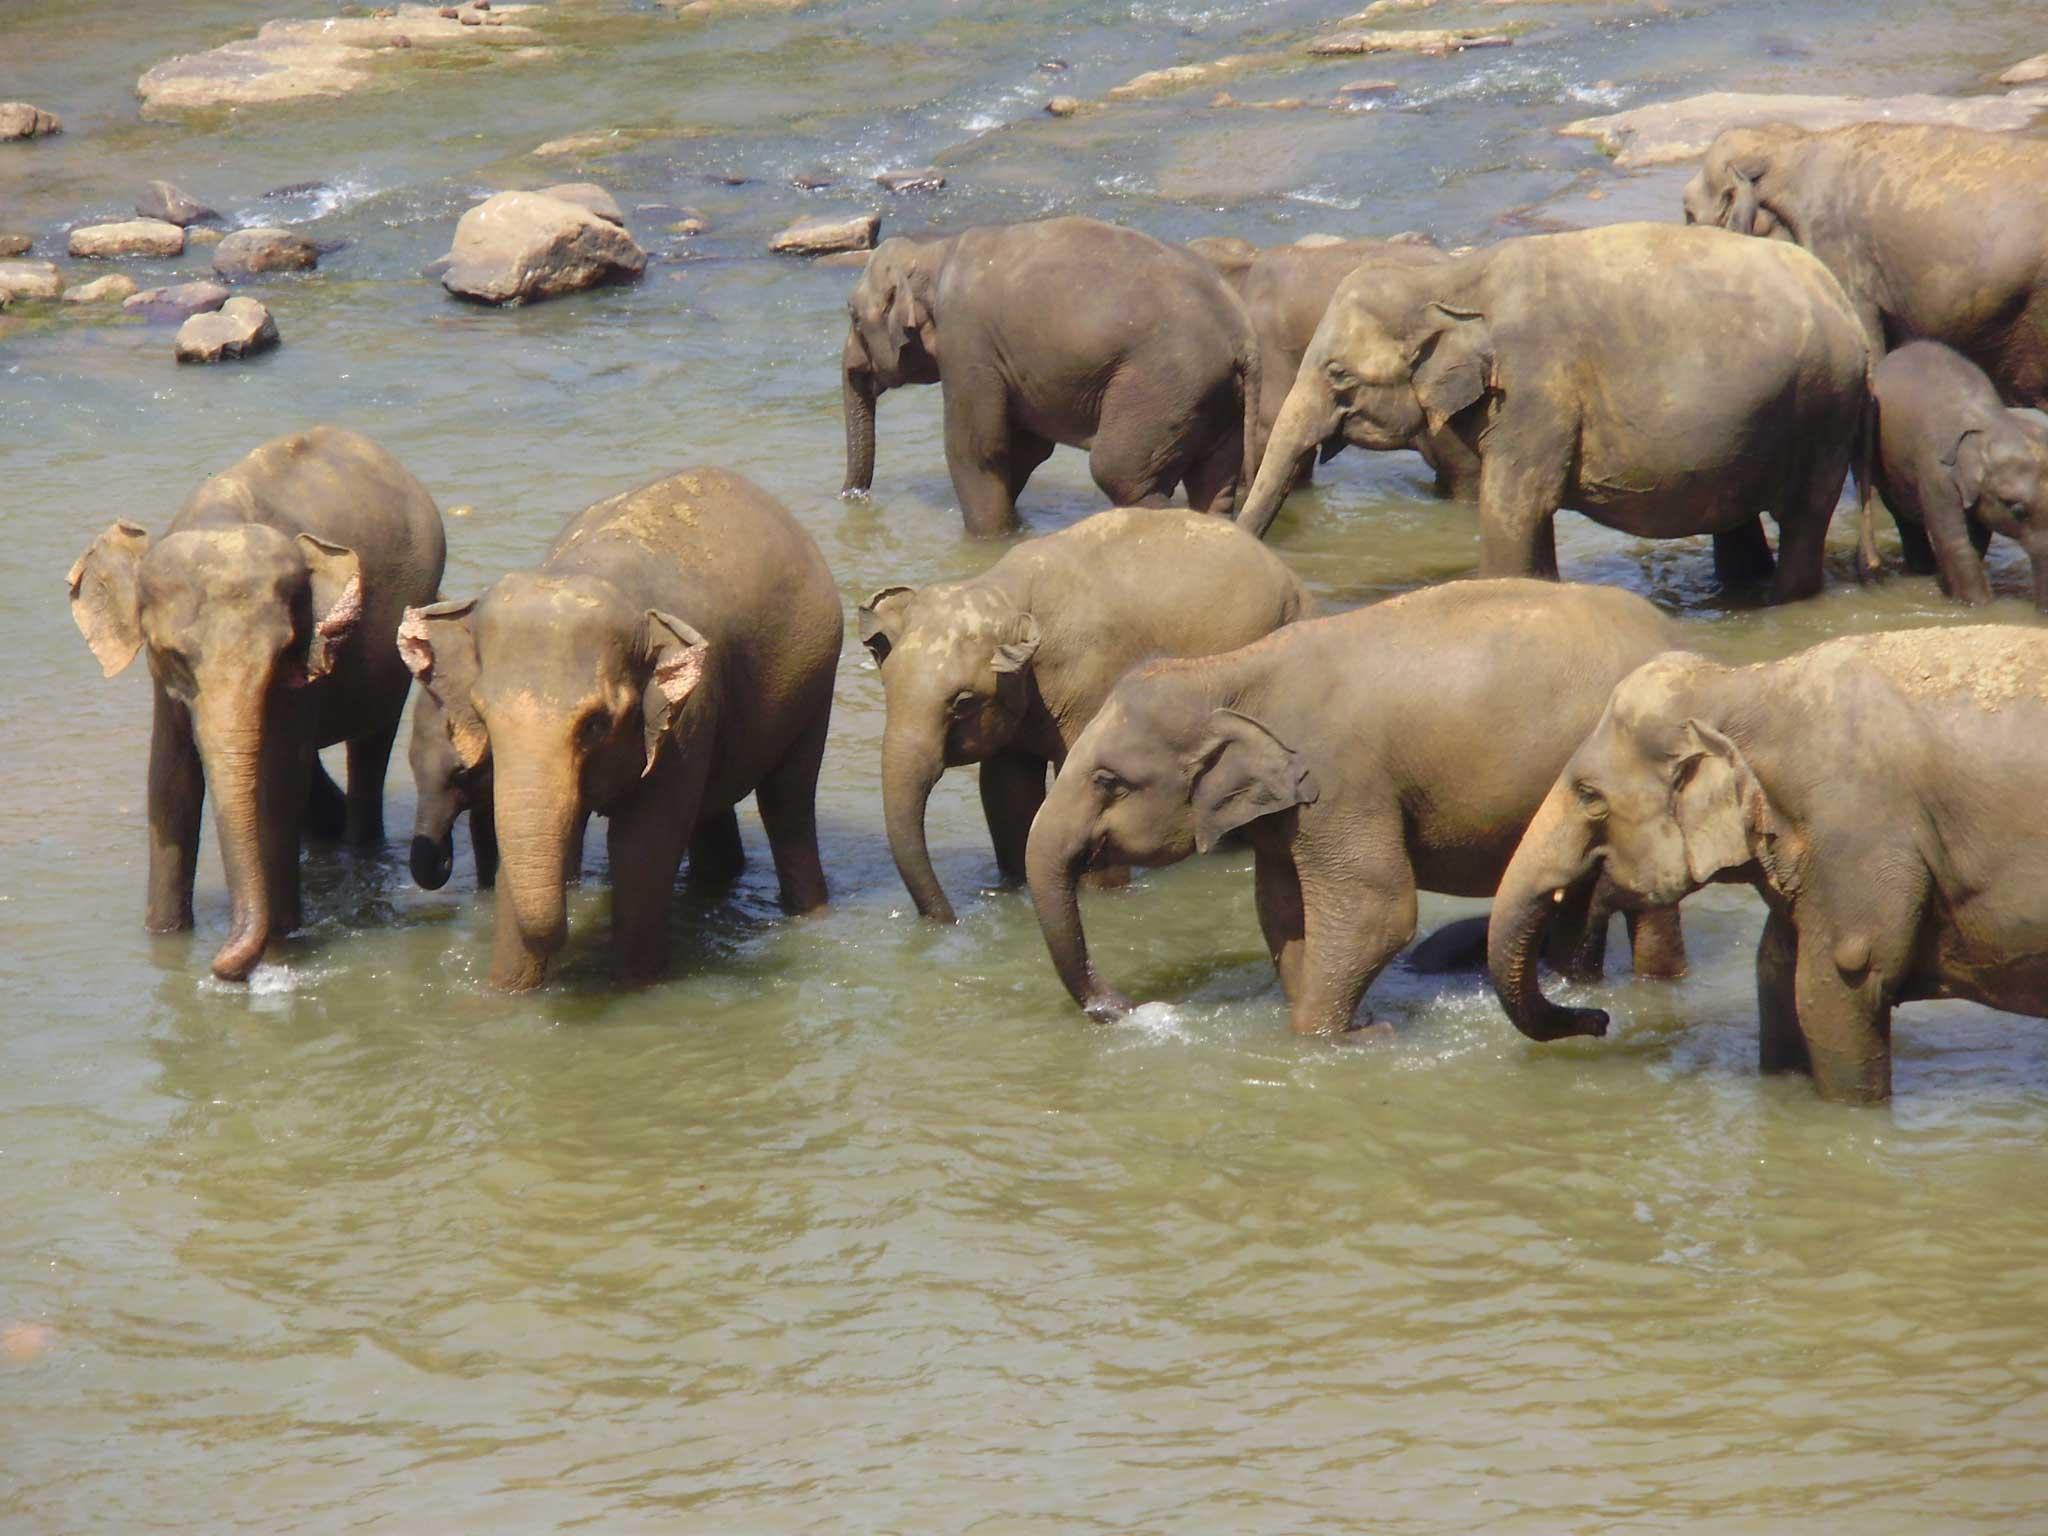 Elephants in Water Drinking